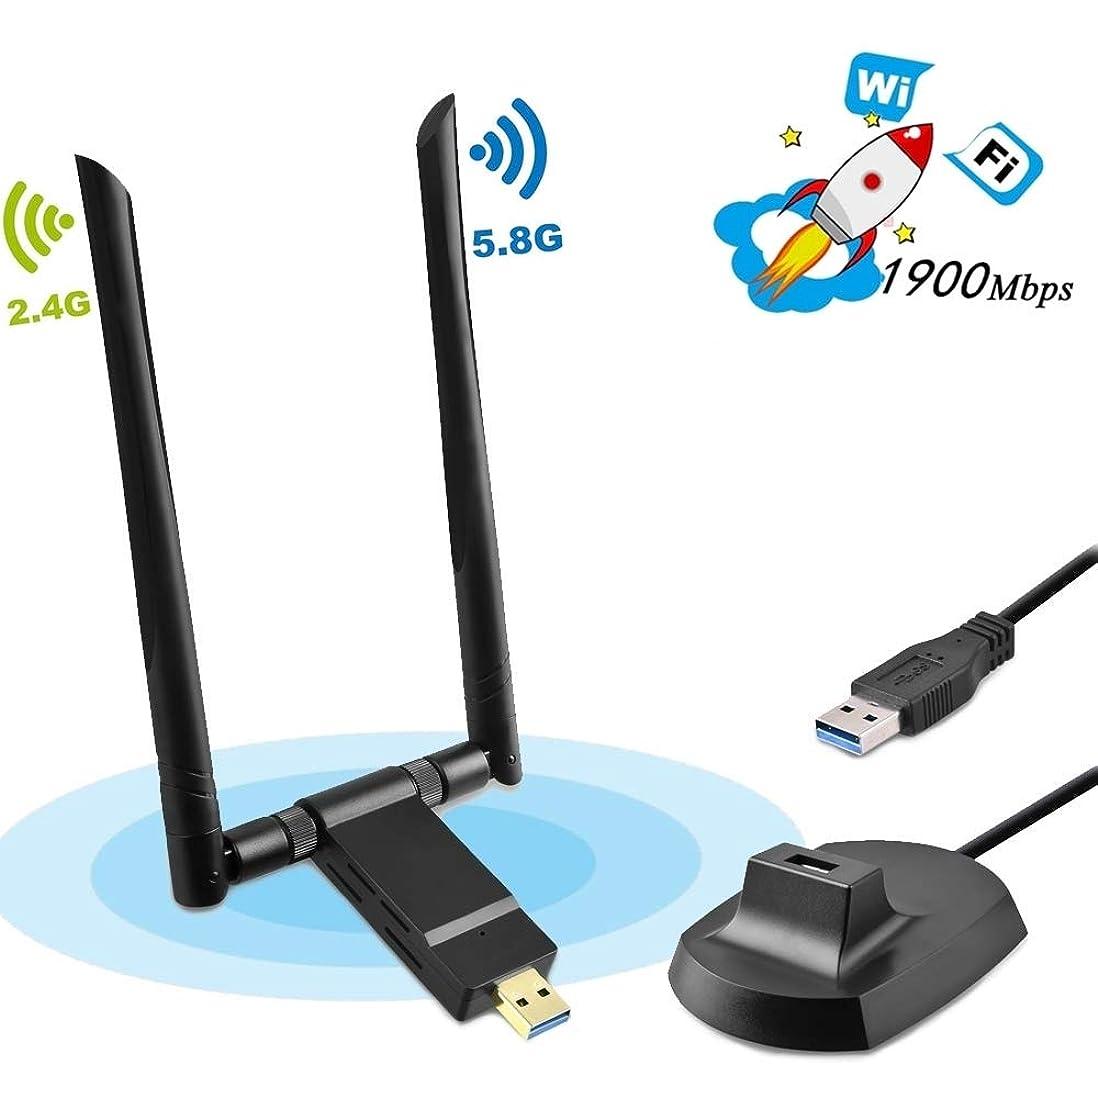 翻訳解明こんにちは1900Mbps WiFi無線LAN子機 5dBi ハイゲイン デュアルバンド 高速モデル アンテナ lanアダプター (5.8GHz/1300Mbps ;2.4 GHz/600Mbps)802.11ac技術 Windows10/8/7/XP/Vista/Mac/Linuxに対応